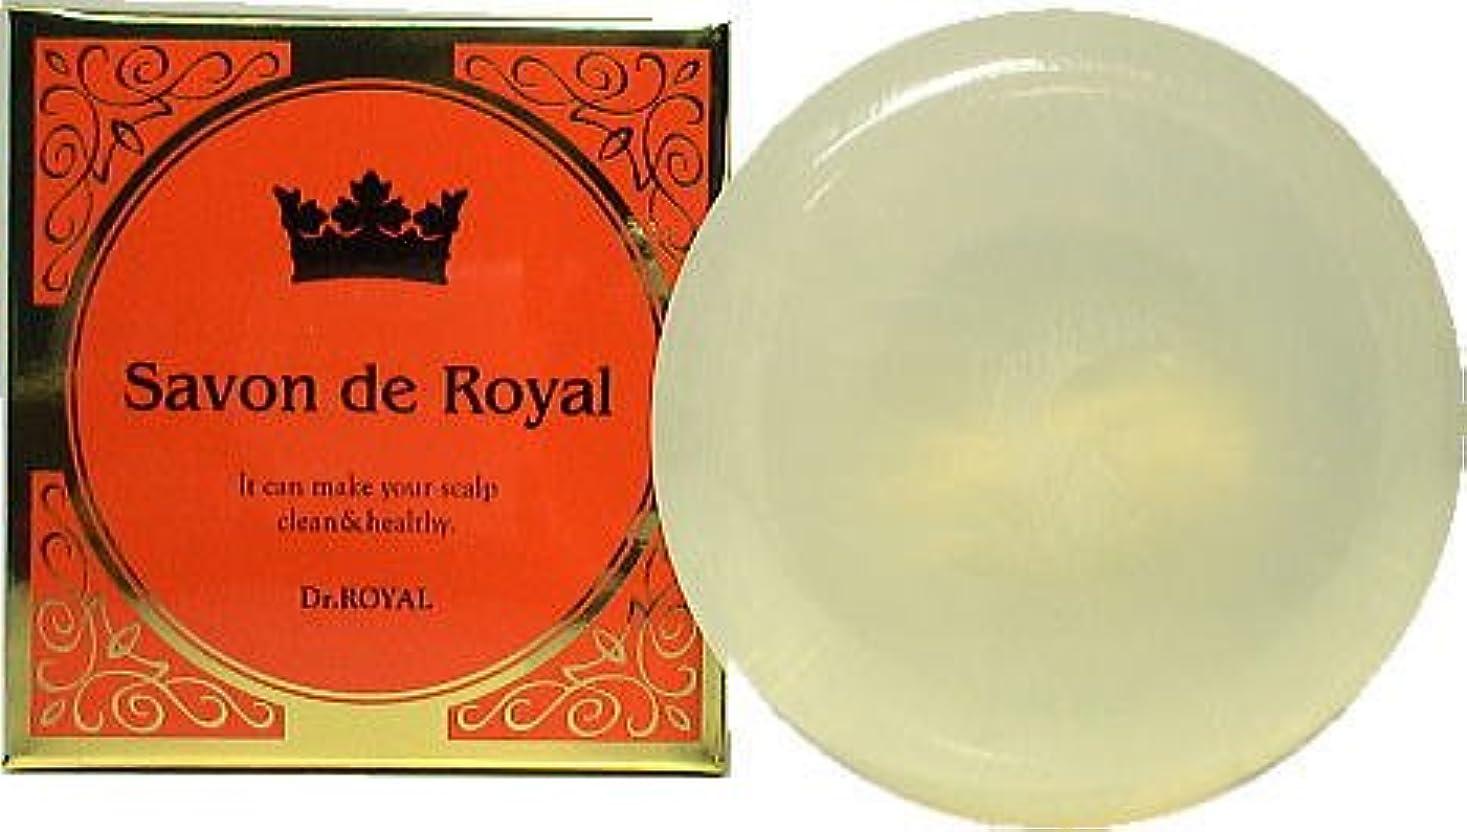 謙虚な第外交問題Savon de Royal 最高級石鹸